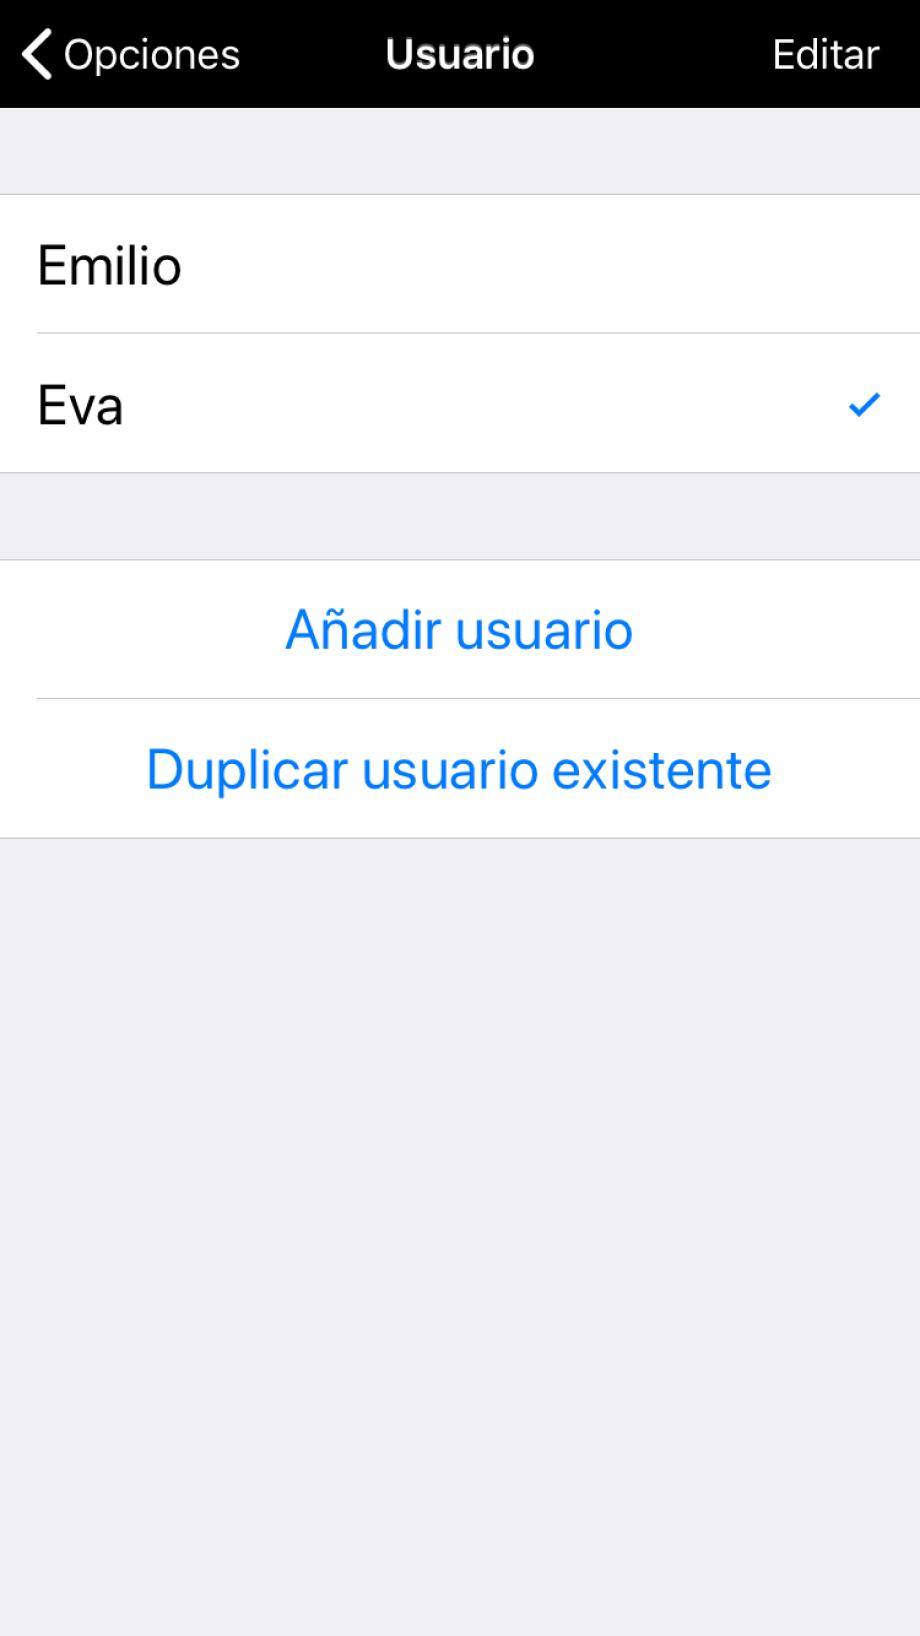 Sección Usuario en Opciones, con la posibilidad de añadir un usuario